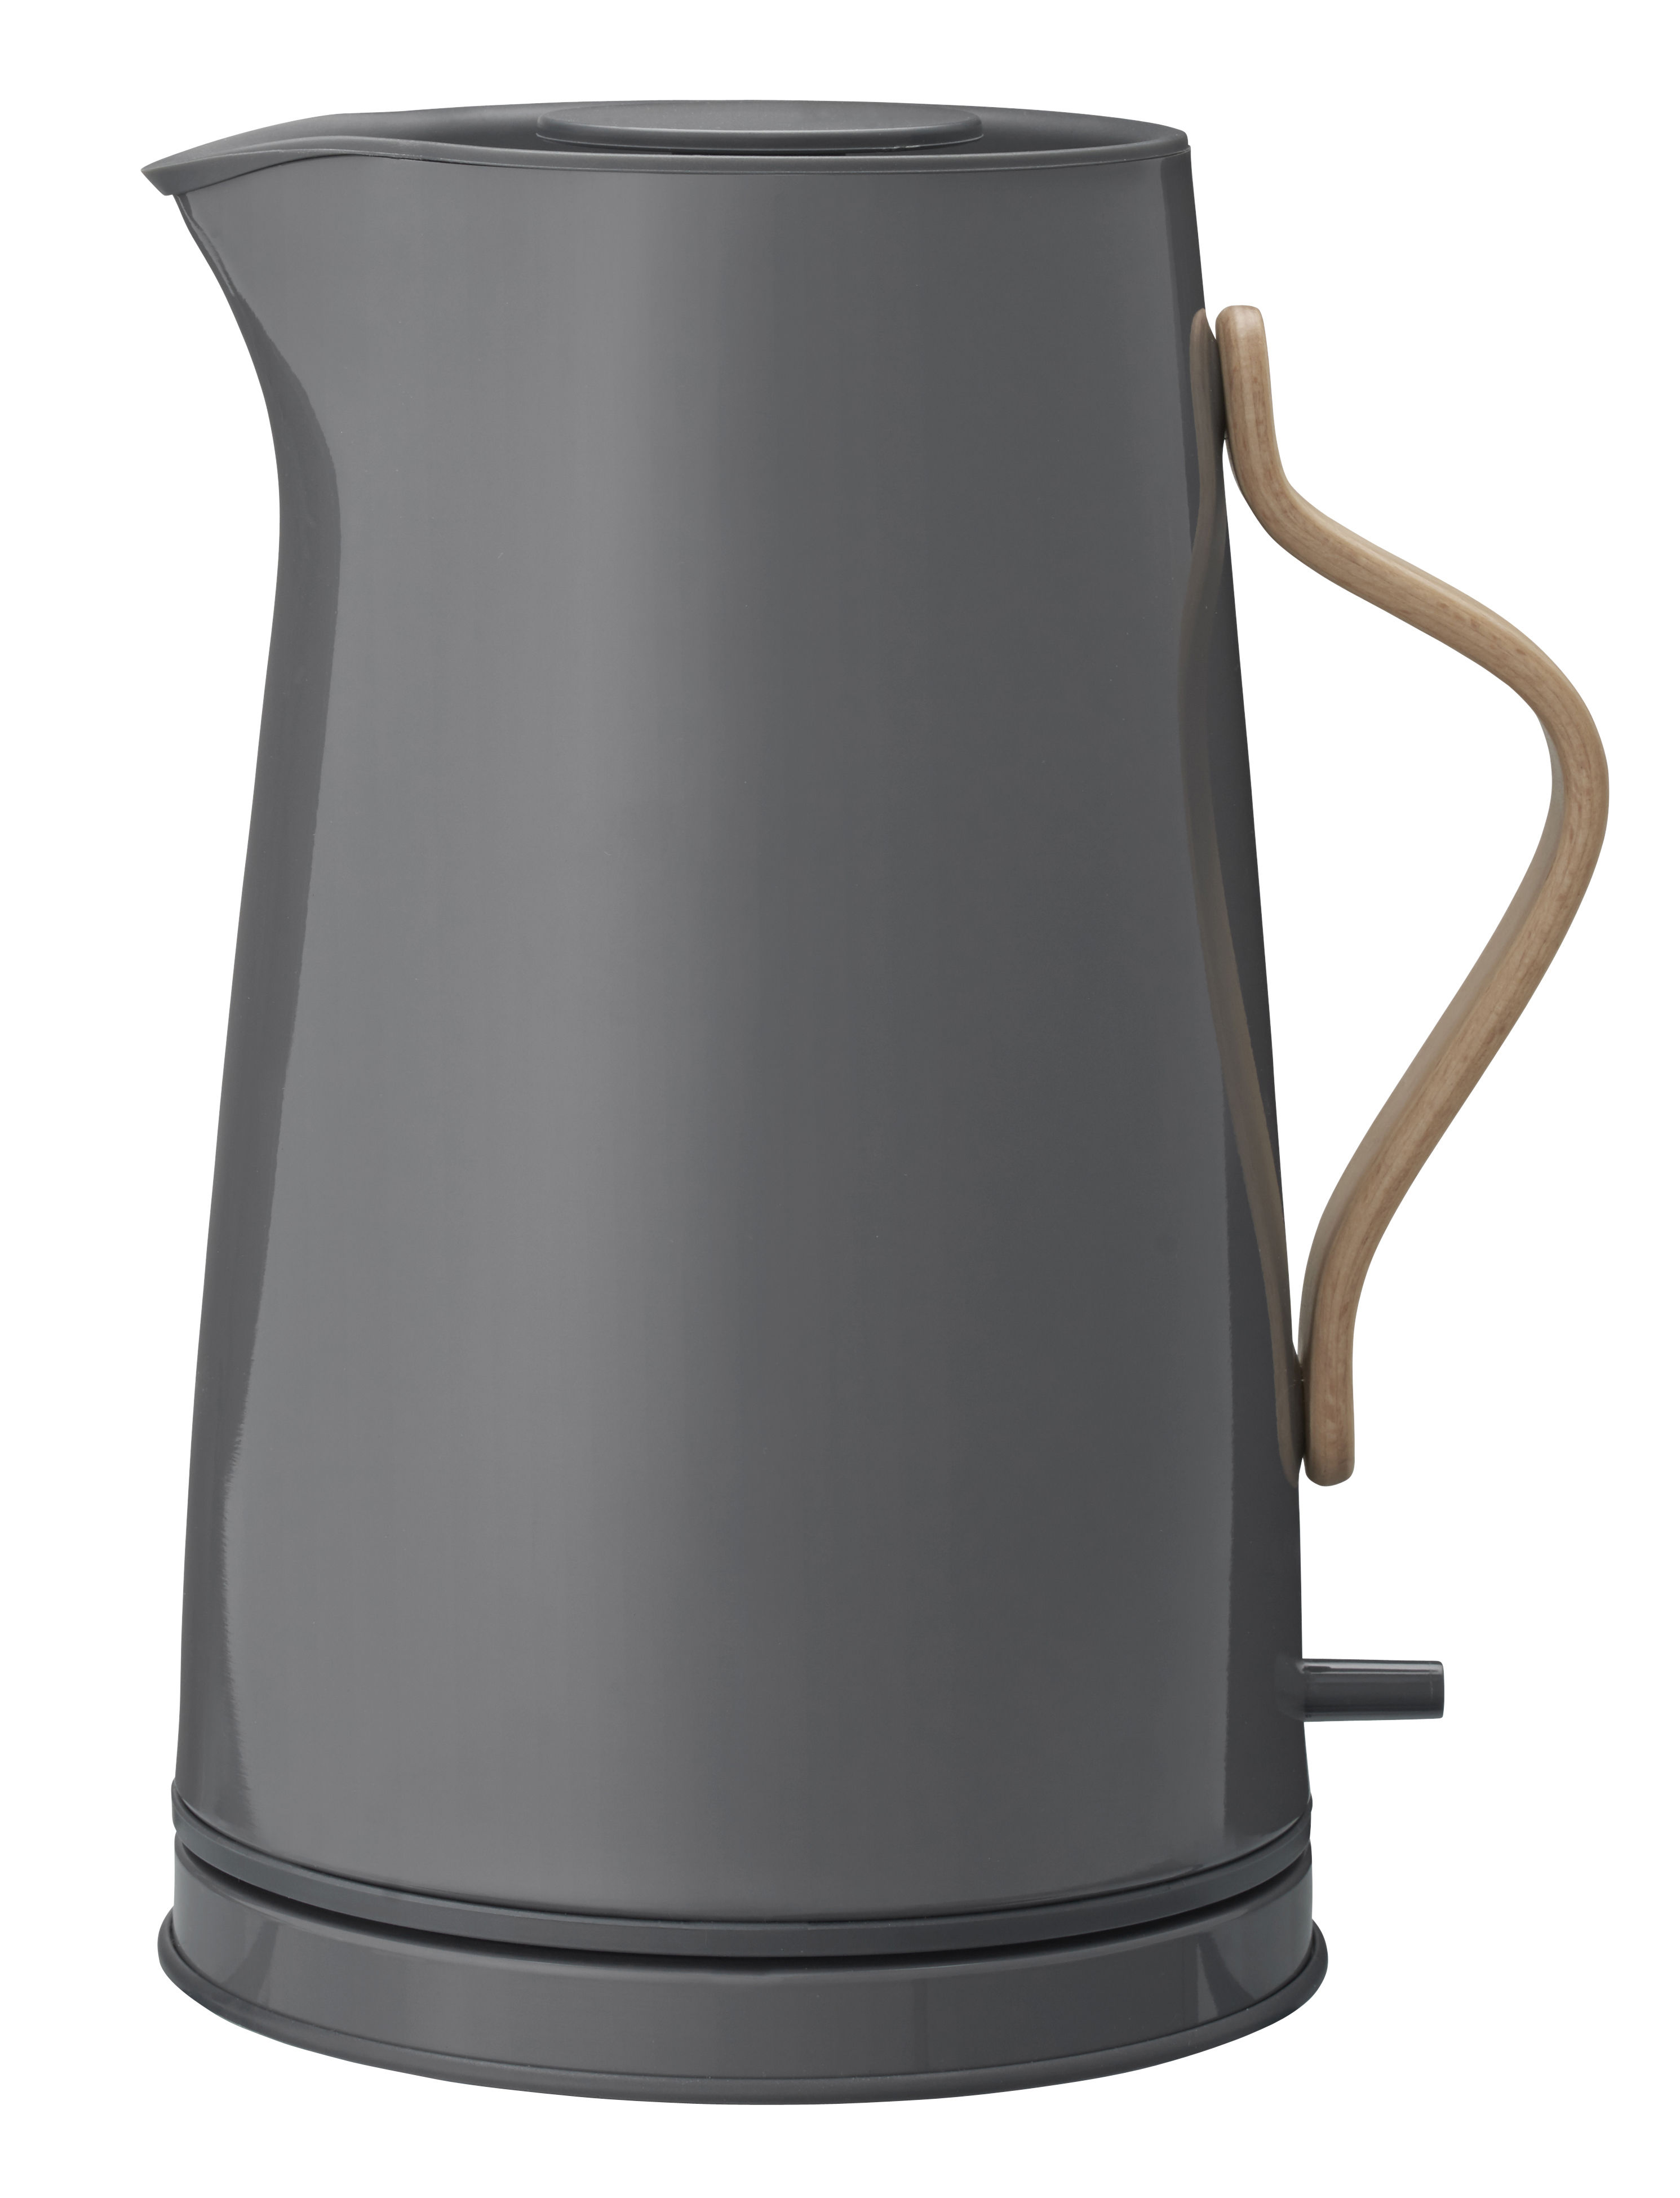 Küche - Teekannen und Wasserkessel - Emma Wasserkocher / 1,2 l - Stelton - Dunkelgrau & holzfarben - Buchenfurnier, rostfreier lackierter Stahl